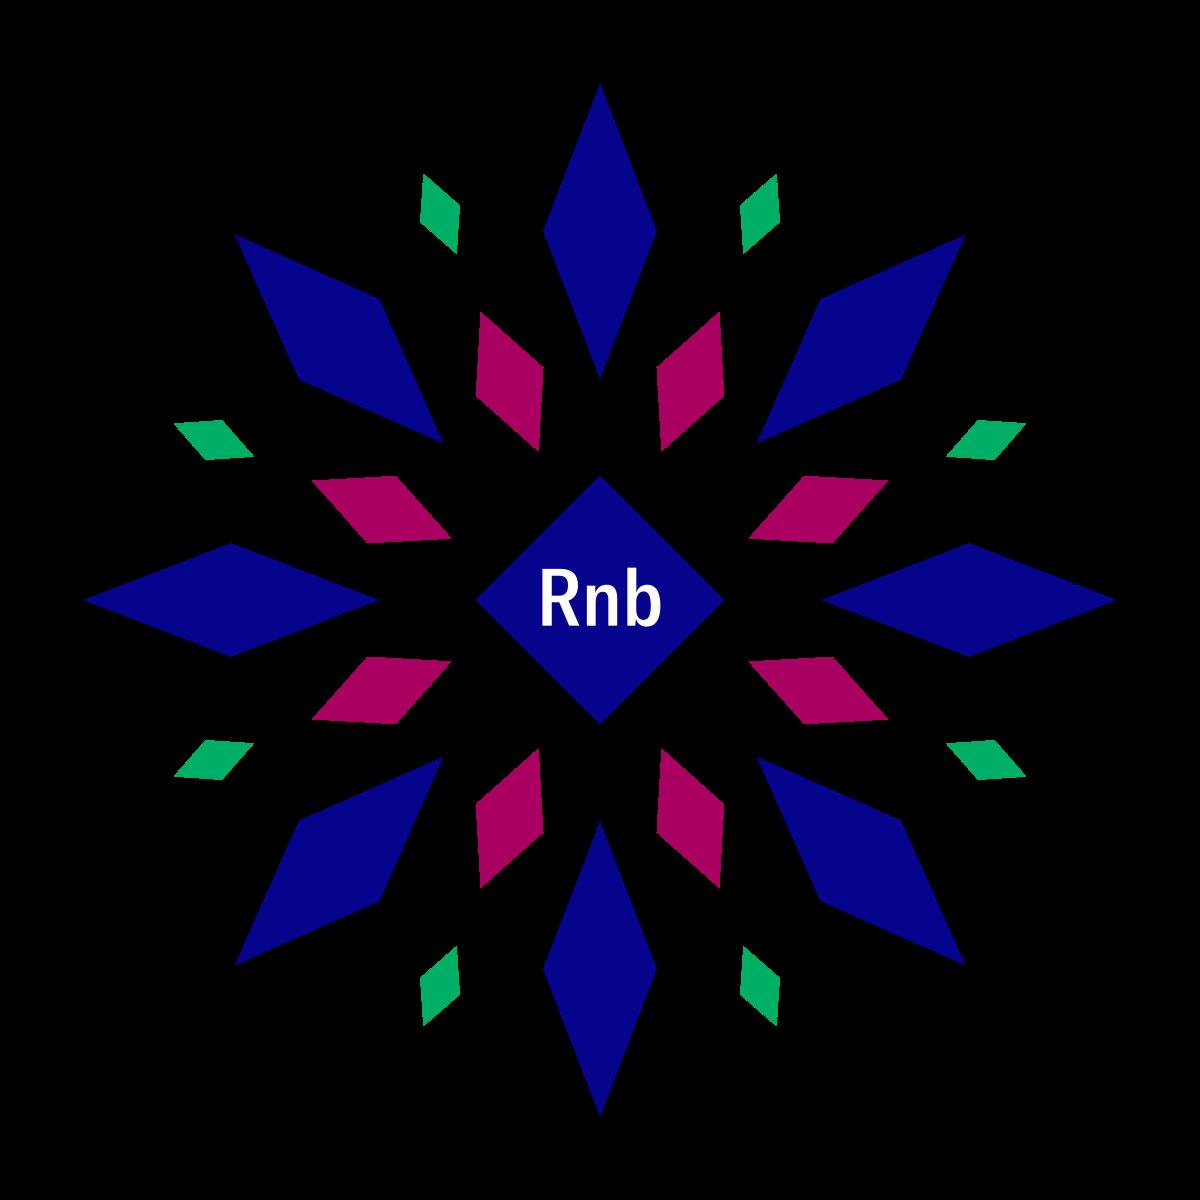 rainbow flower - 7 weed strains to celebrate Pride